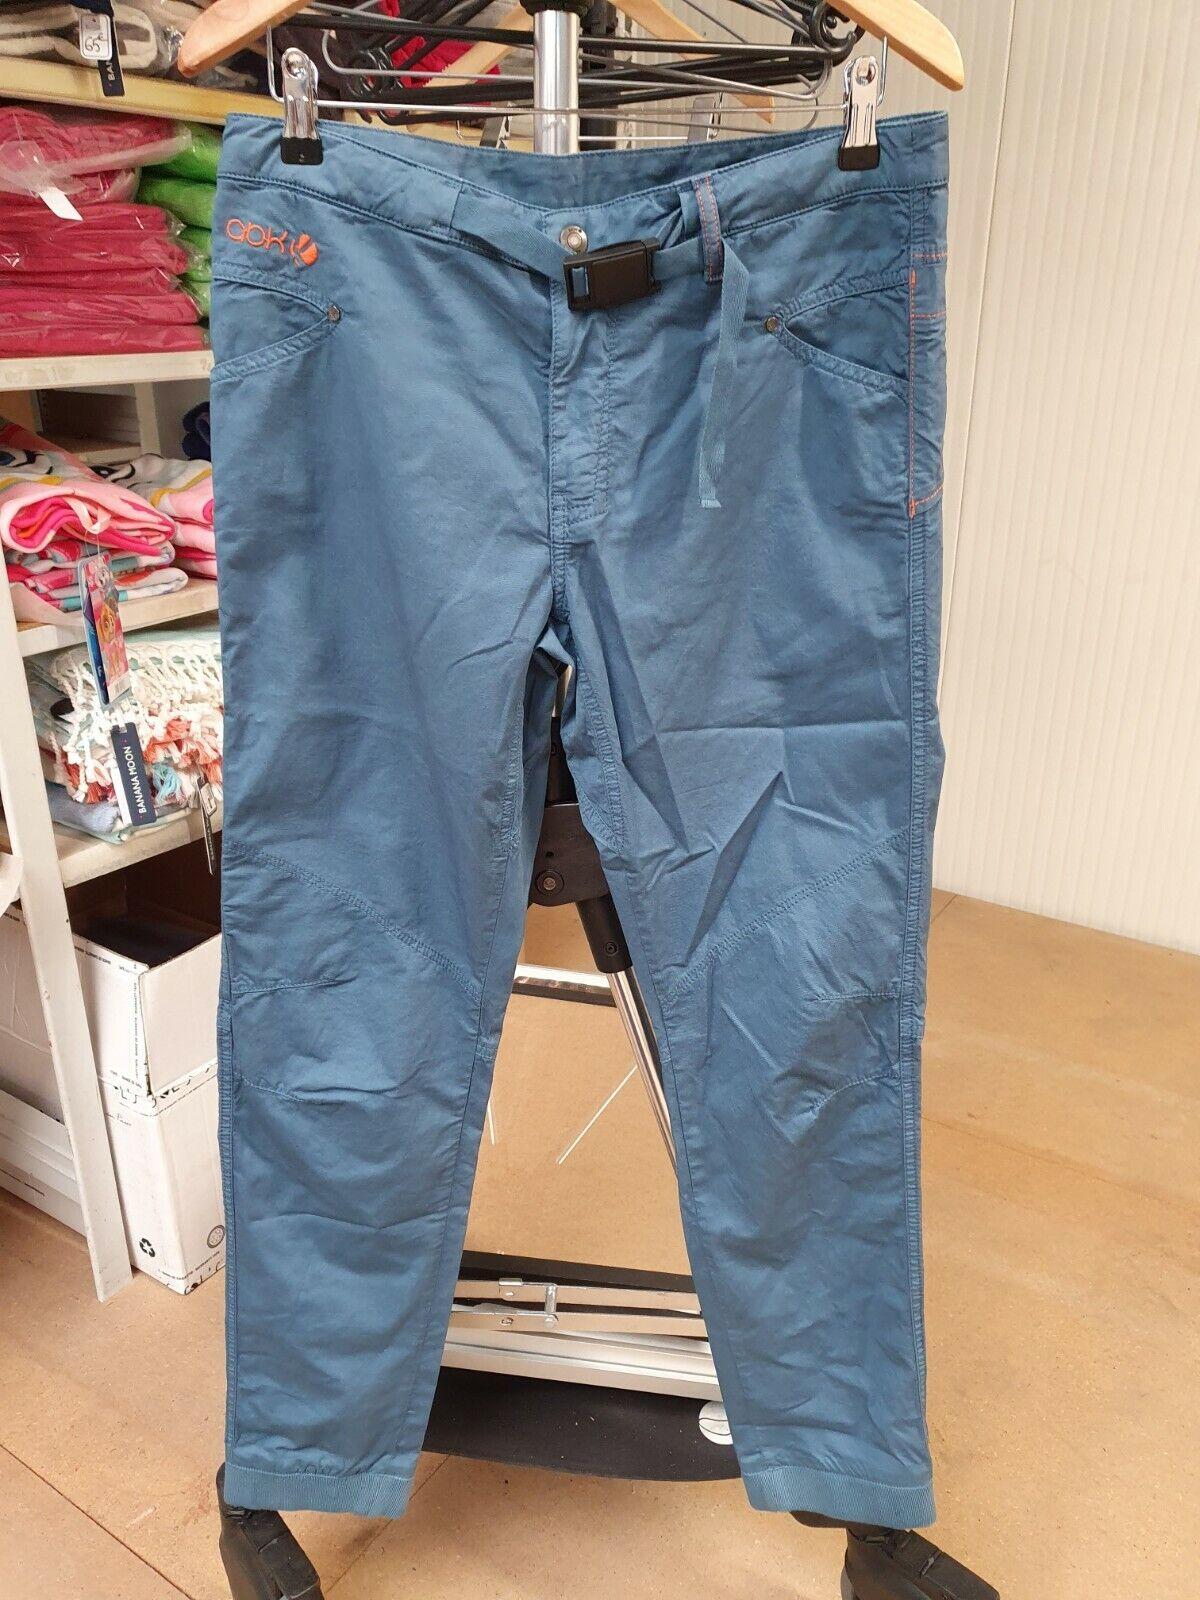 ELO1 #20 Trousers Sport Man - Brand Abk - Blue - Model Cliff Light